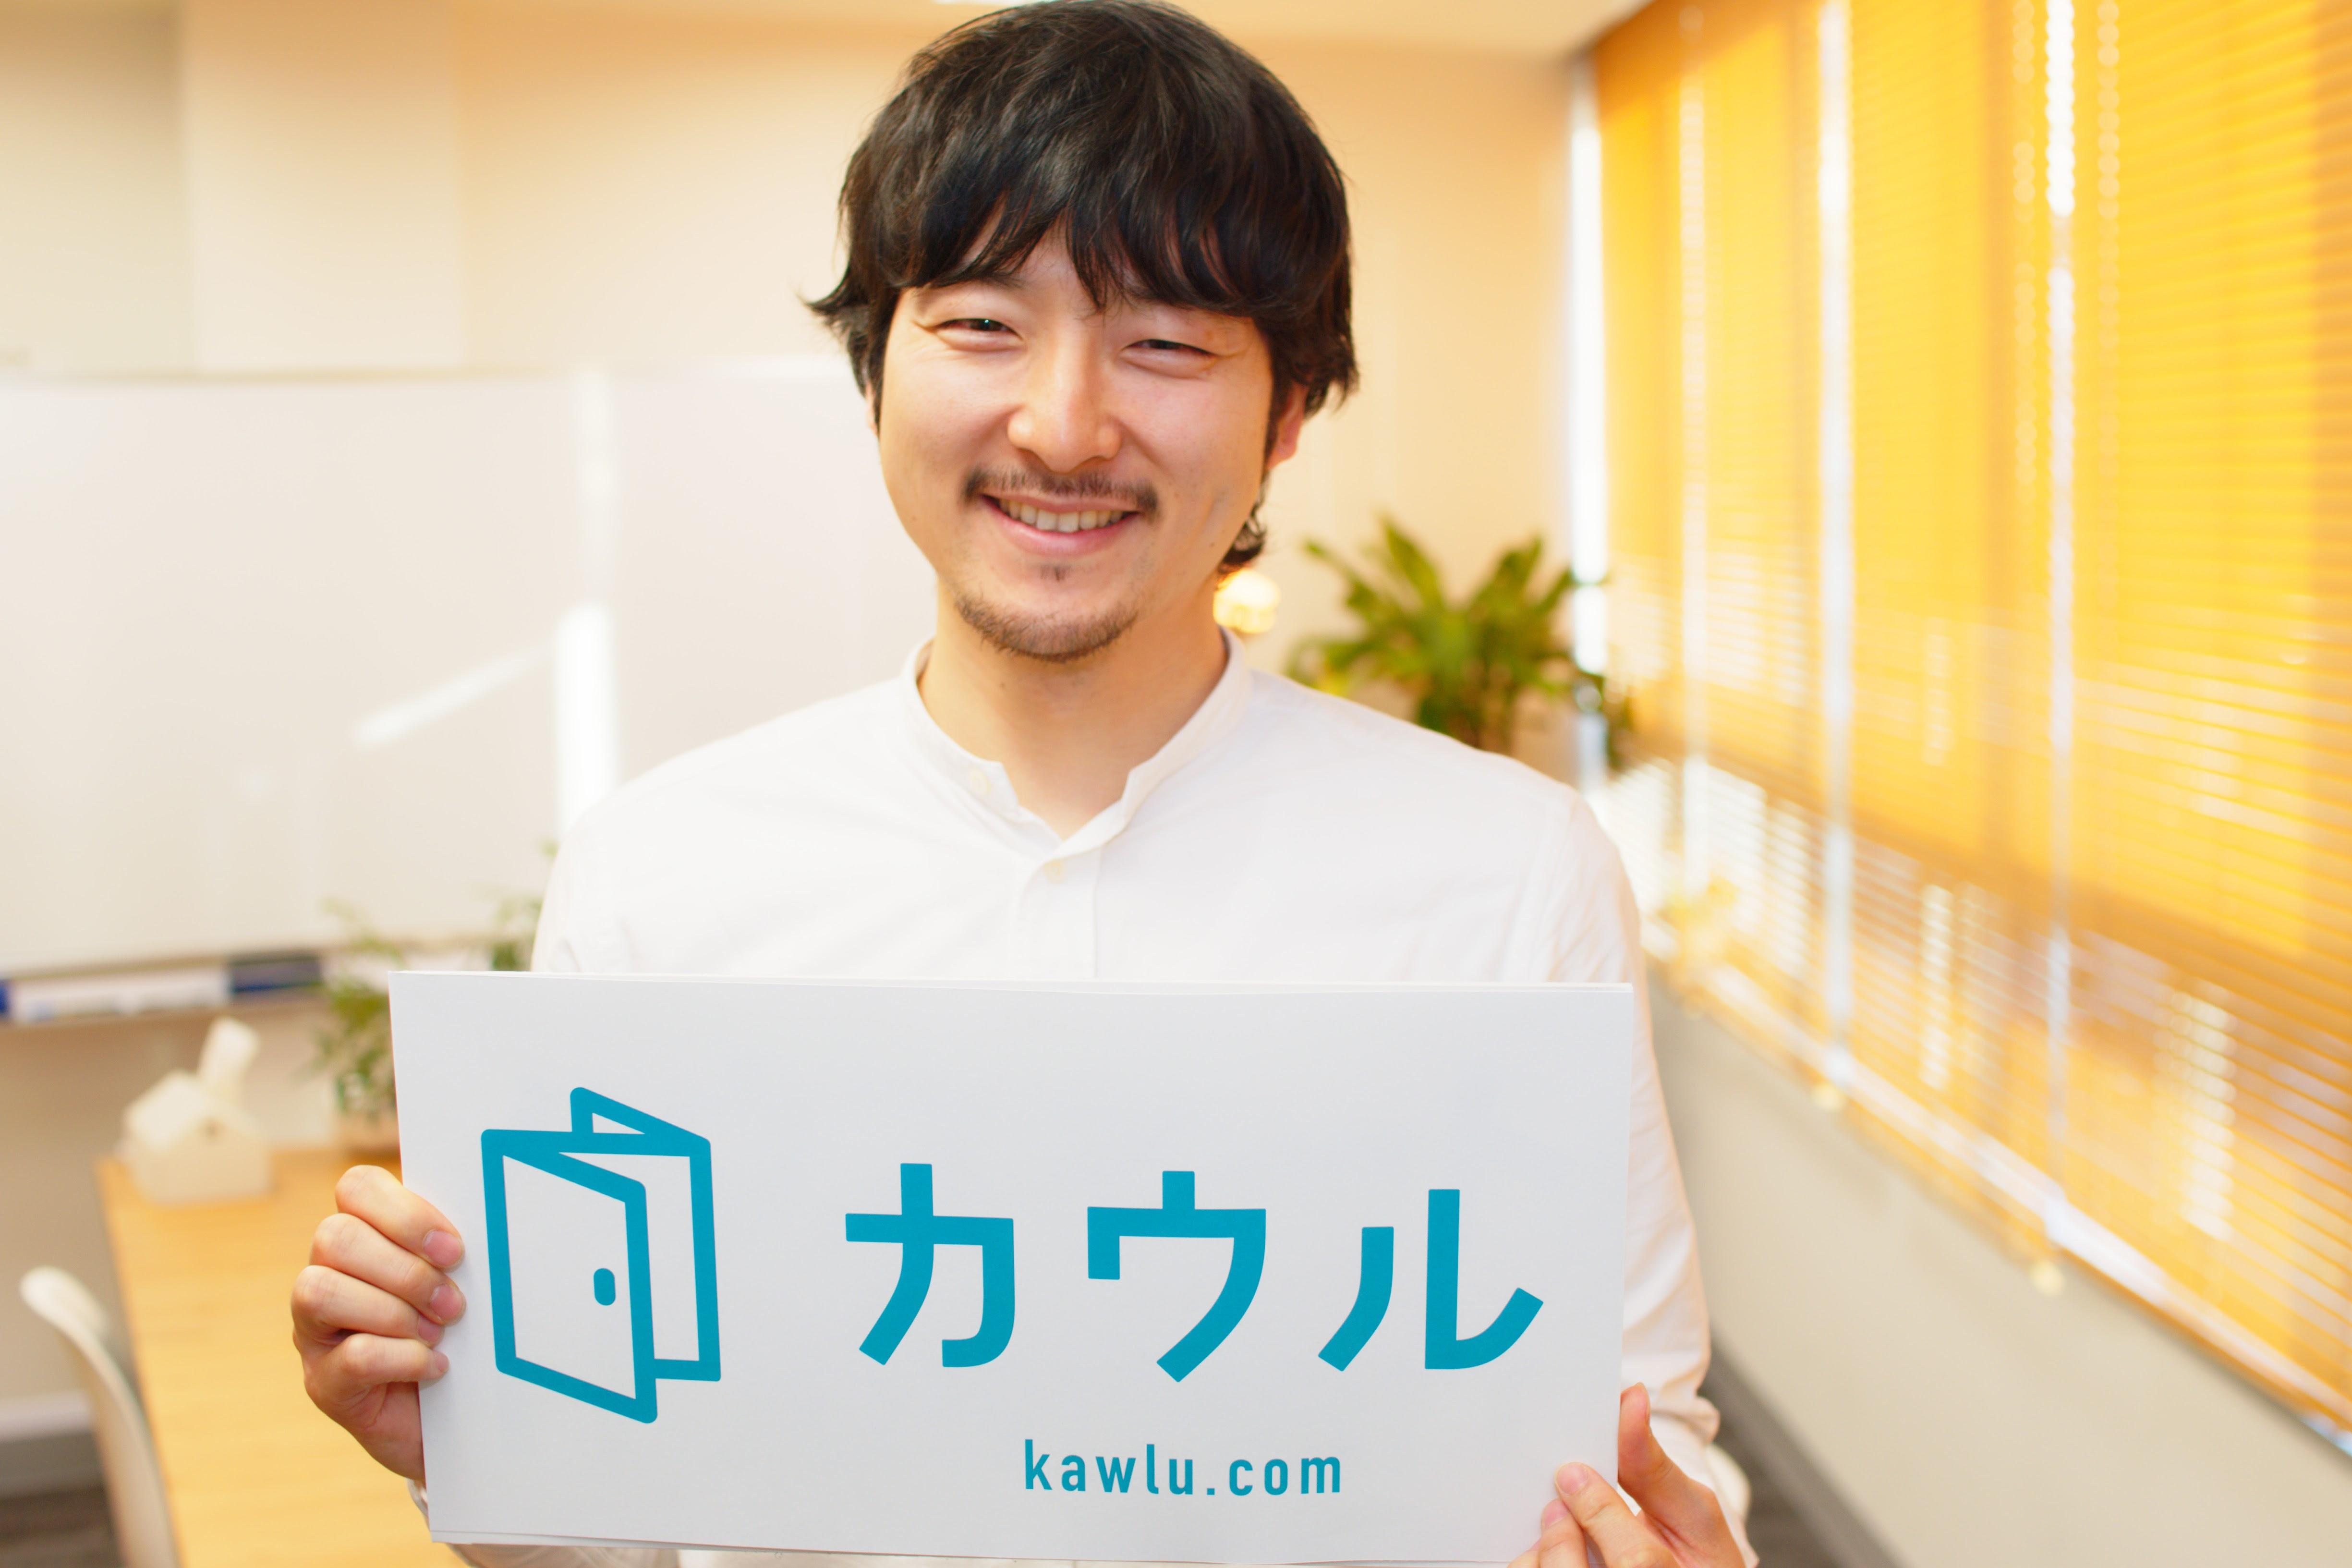 稲井 学:カウル社員紹介インタビュー